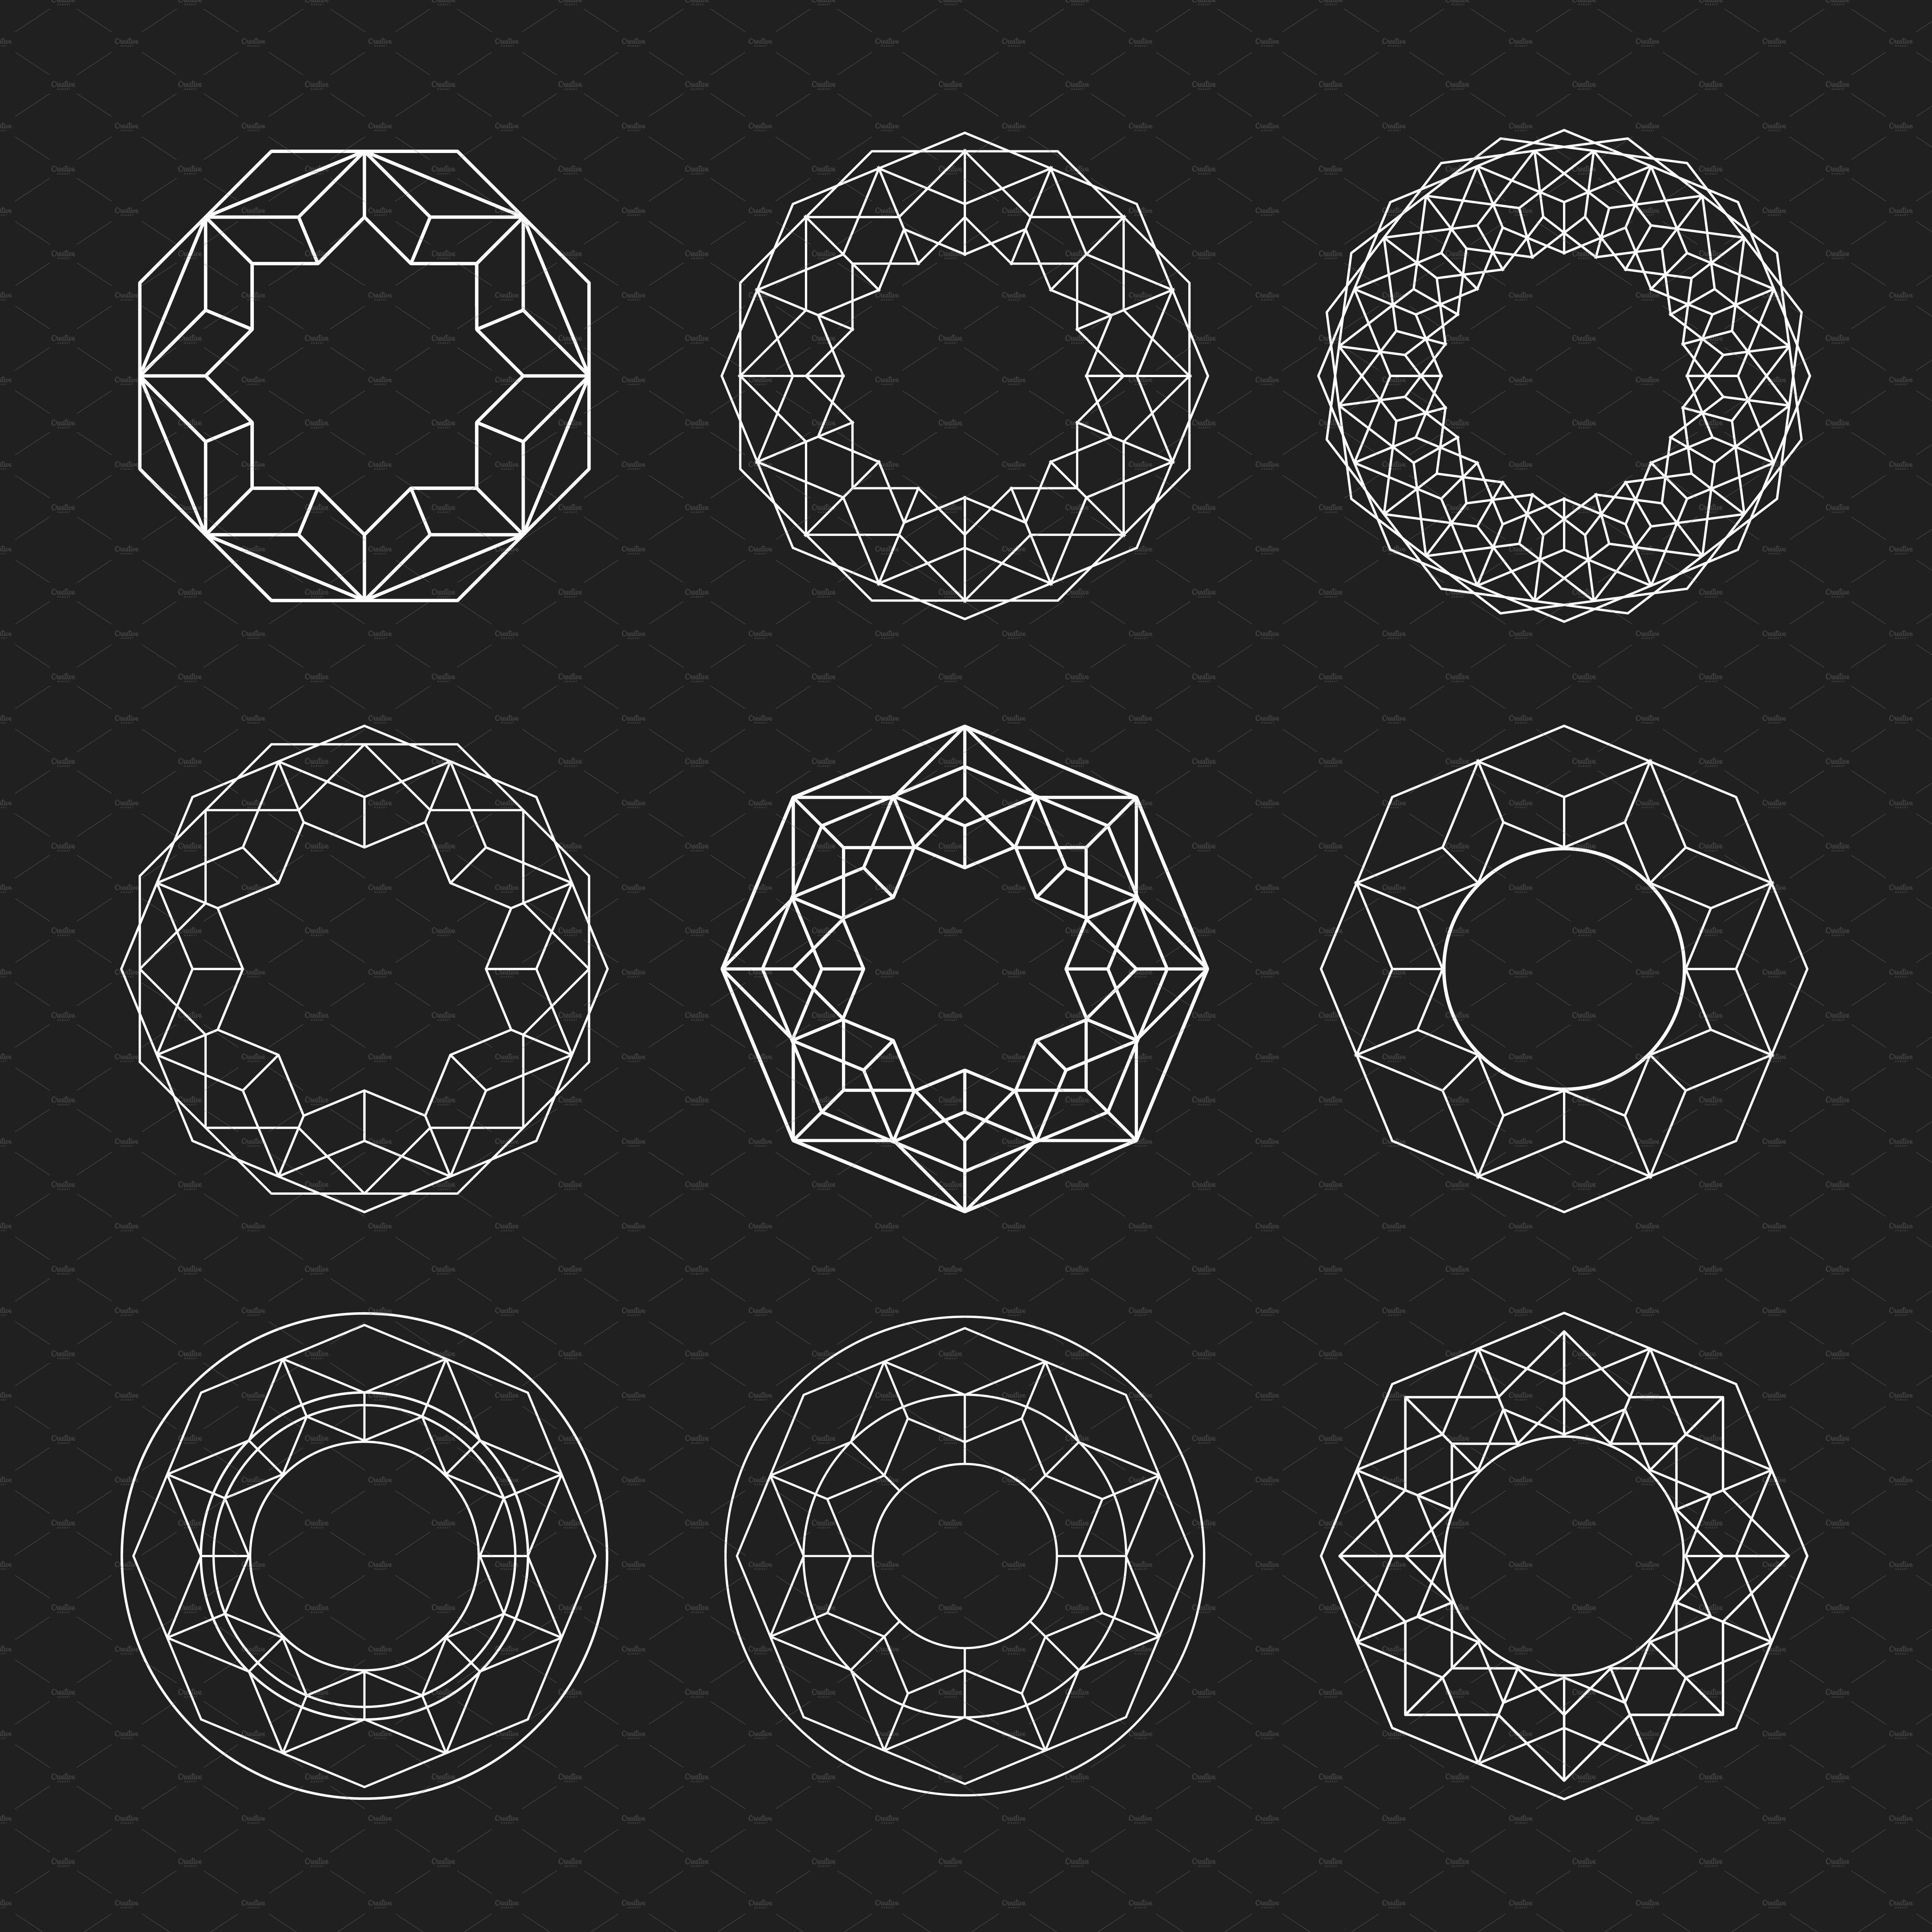 Circle Shapes Geometric Mandalas